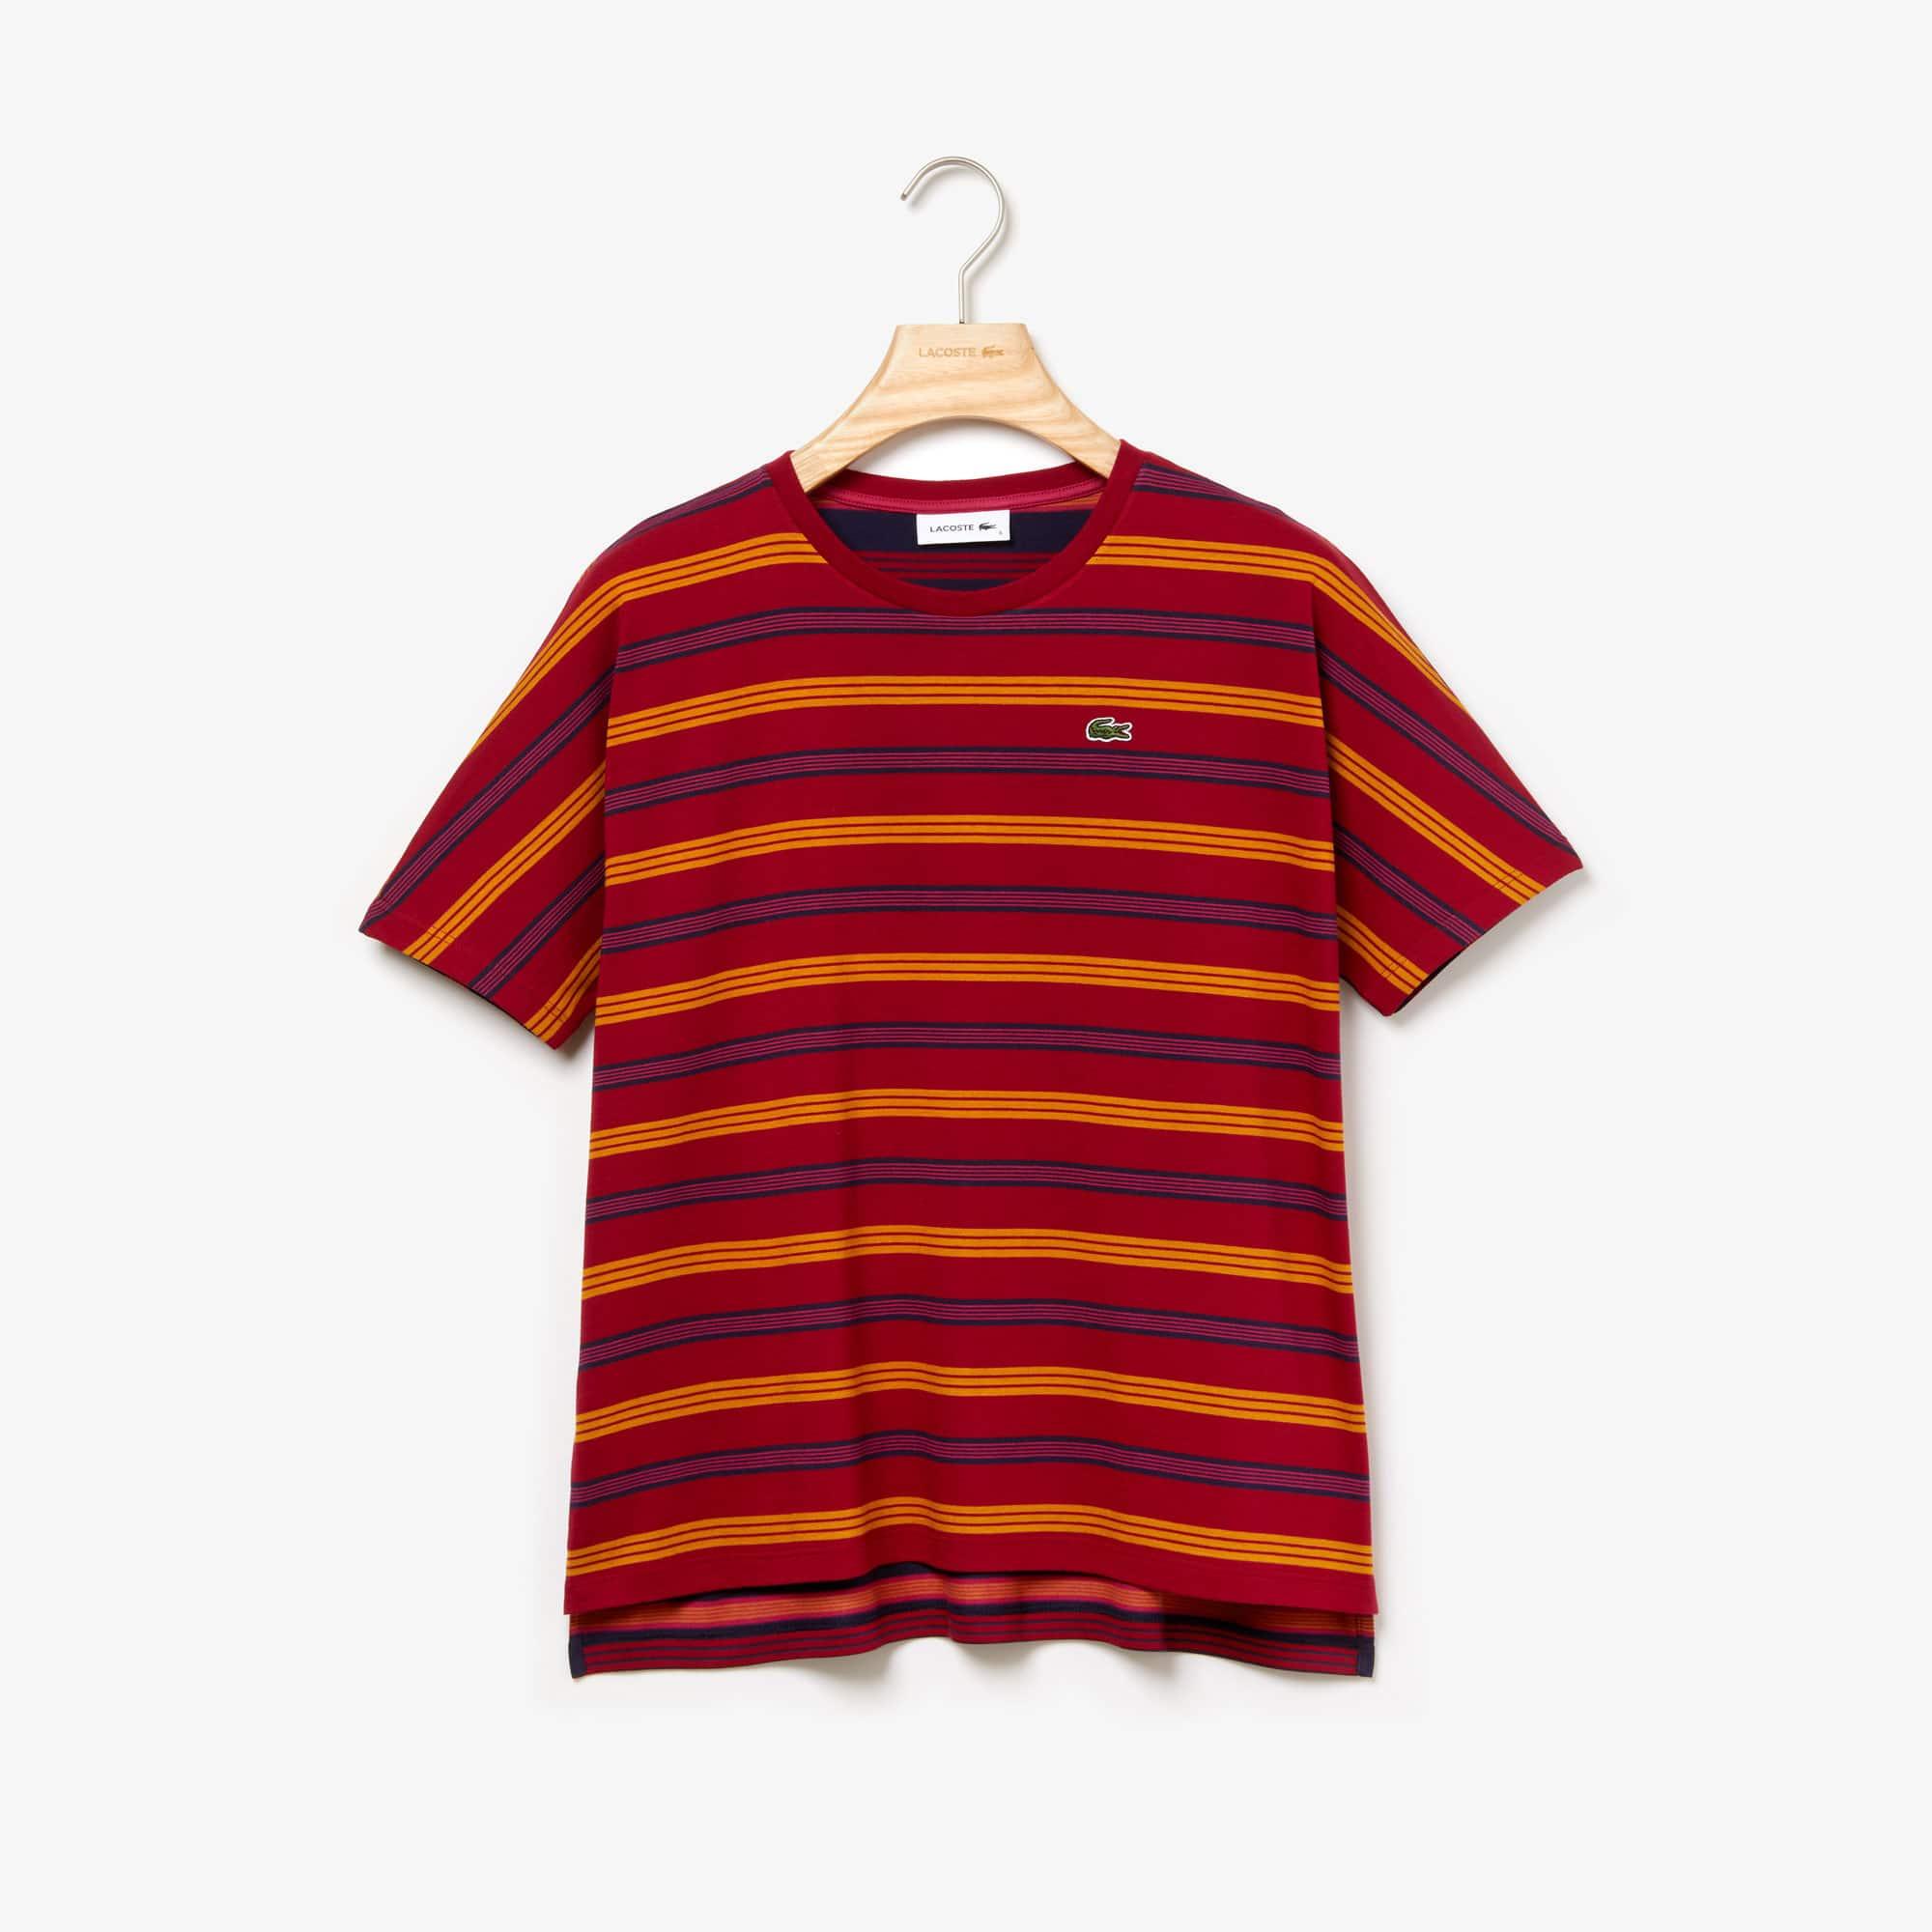 Couleur Shirt Camel Shirt Shirt Homme T Homme Couleur T Couleur T Camel nwOX8P0k